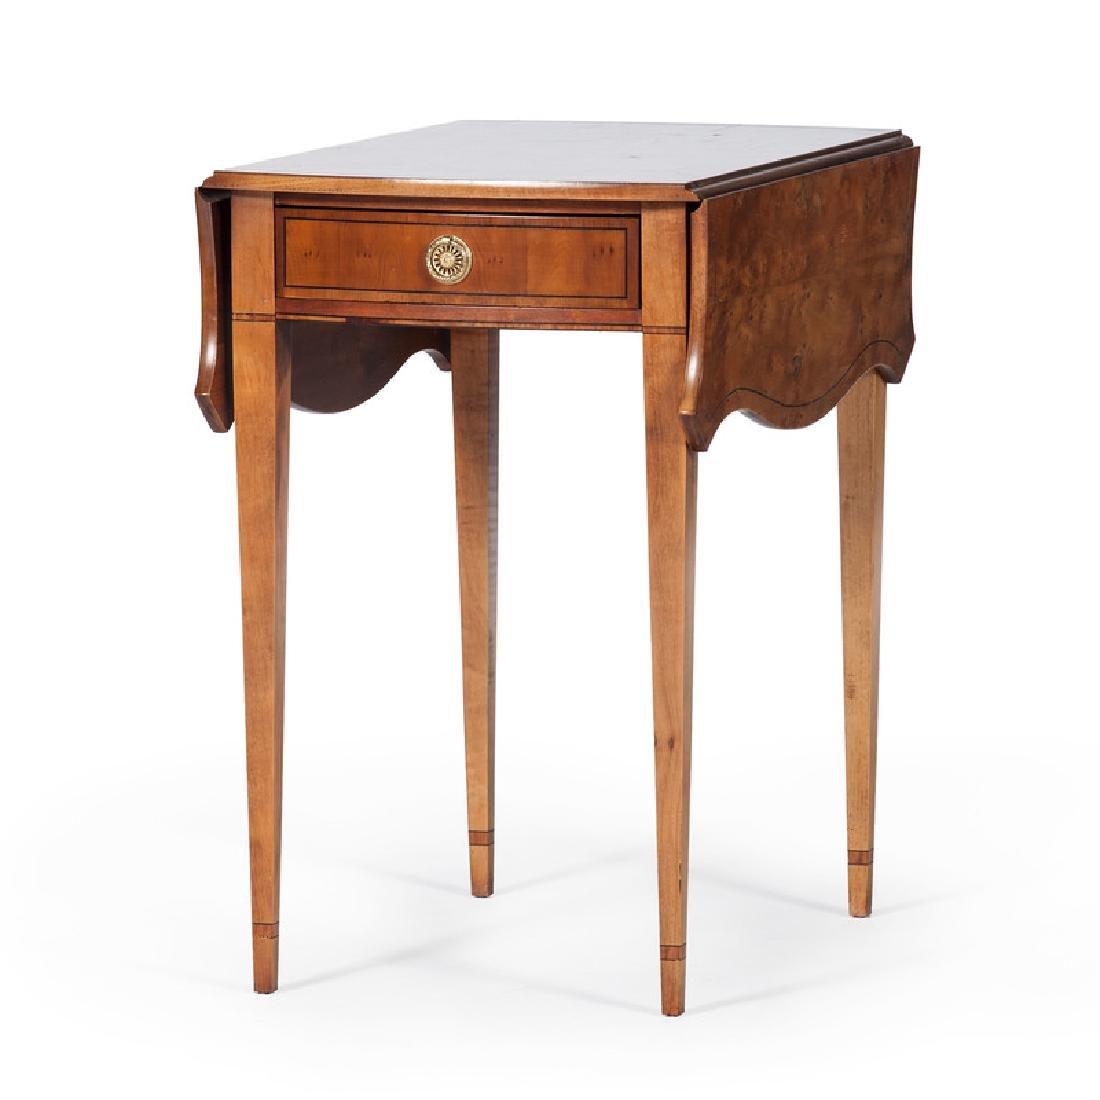 Sheraton-style Pembroke Table